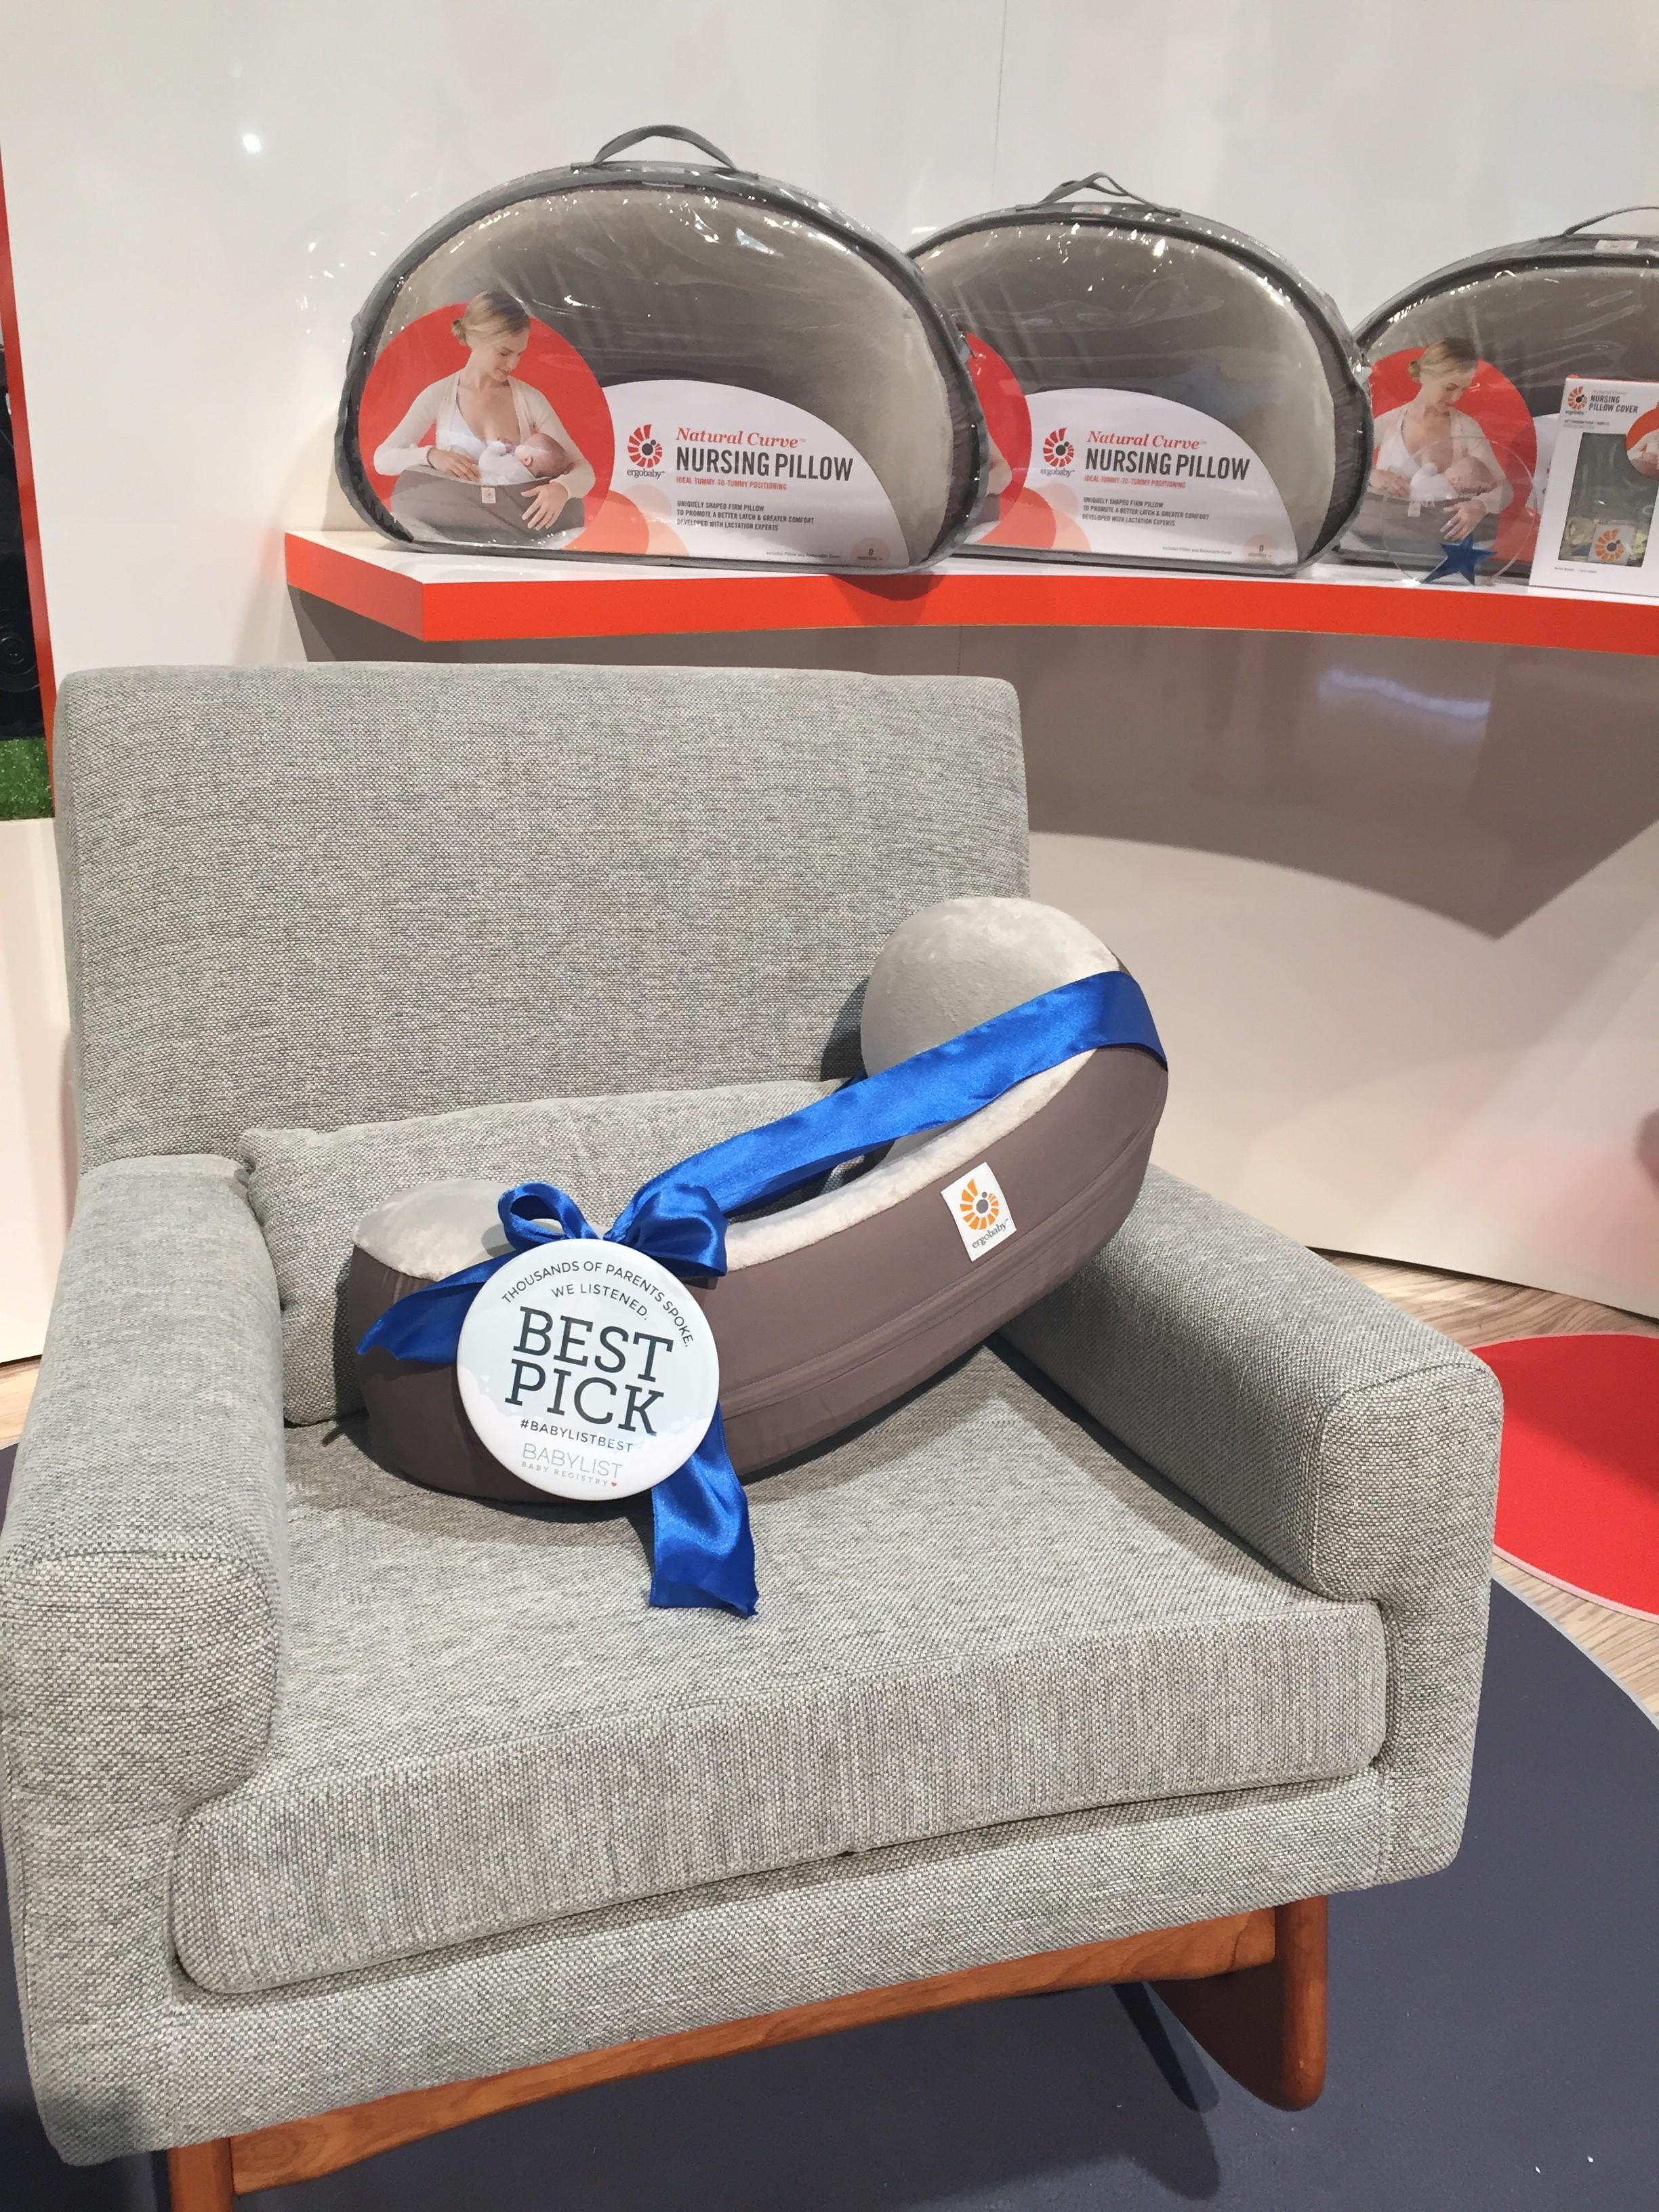 Comfortable Large Breasts Nursing Pillow Uk Nursing Pillow Nursing Pillow Blog Ergobaby Blog Nursing Pillow baby Best Nursing Pillow